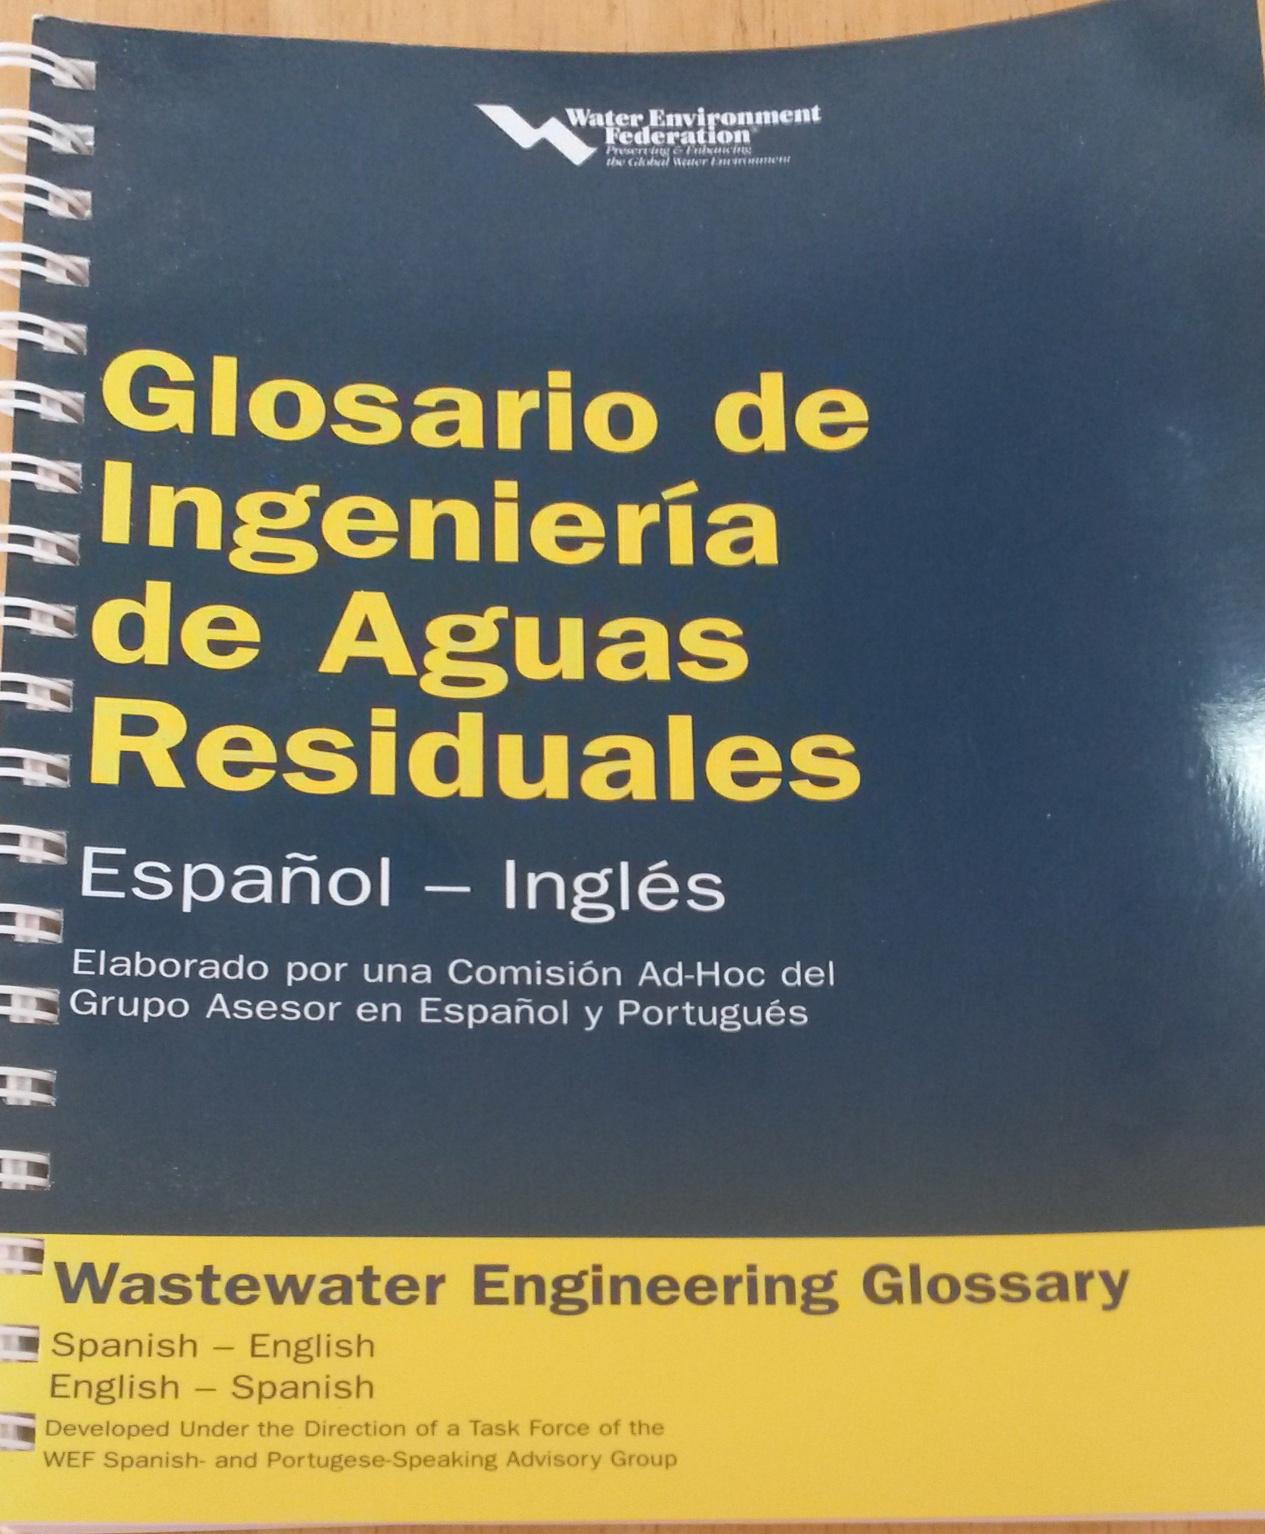 WEF Spanish-English Glossary